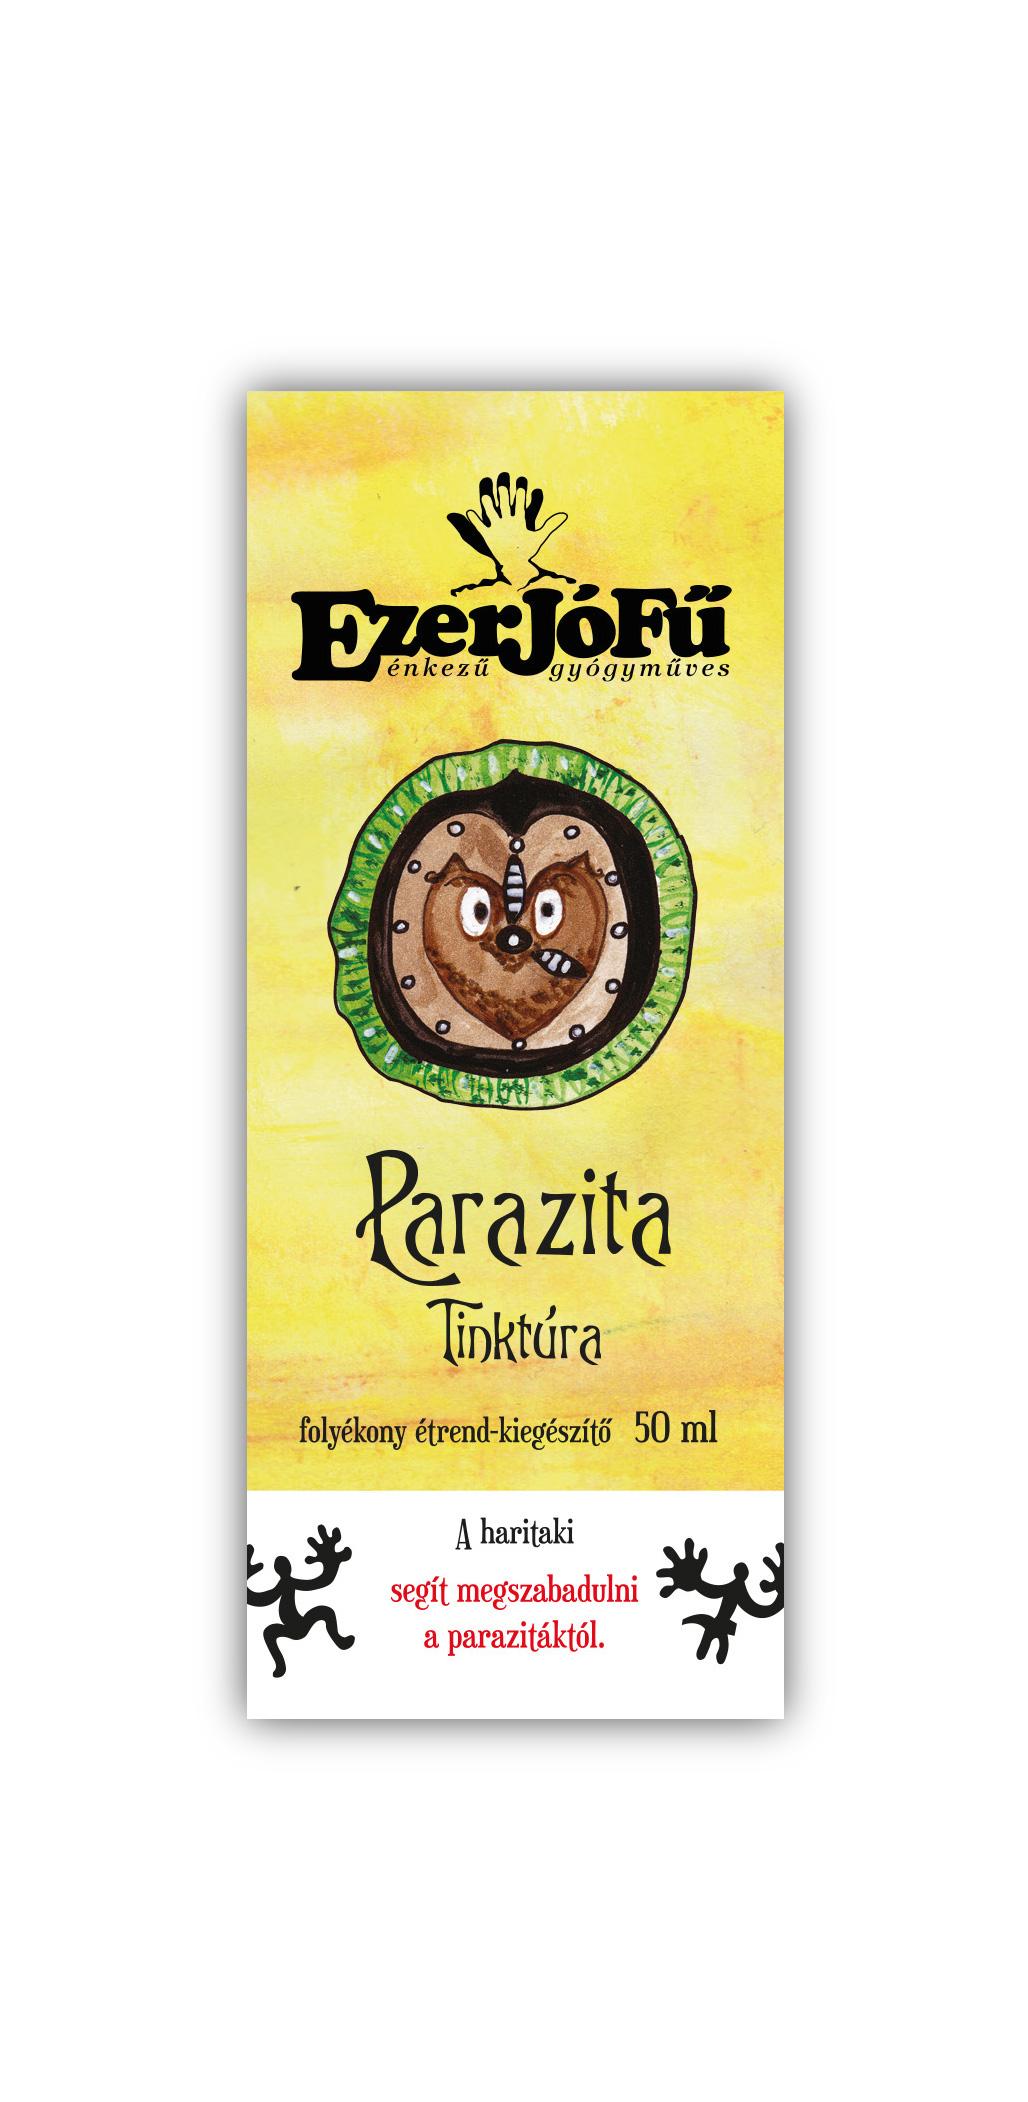 A paraziták testének tisztítása étrend-kiegészítők. - Étrend-kiegészítők paraziták tisztítására